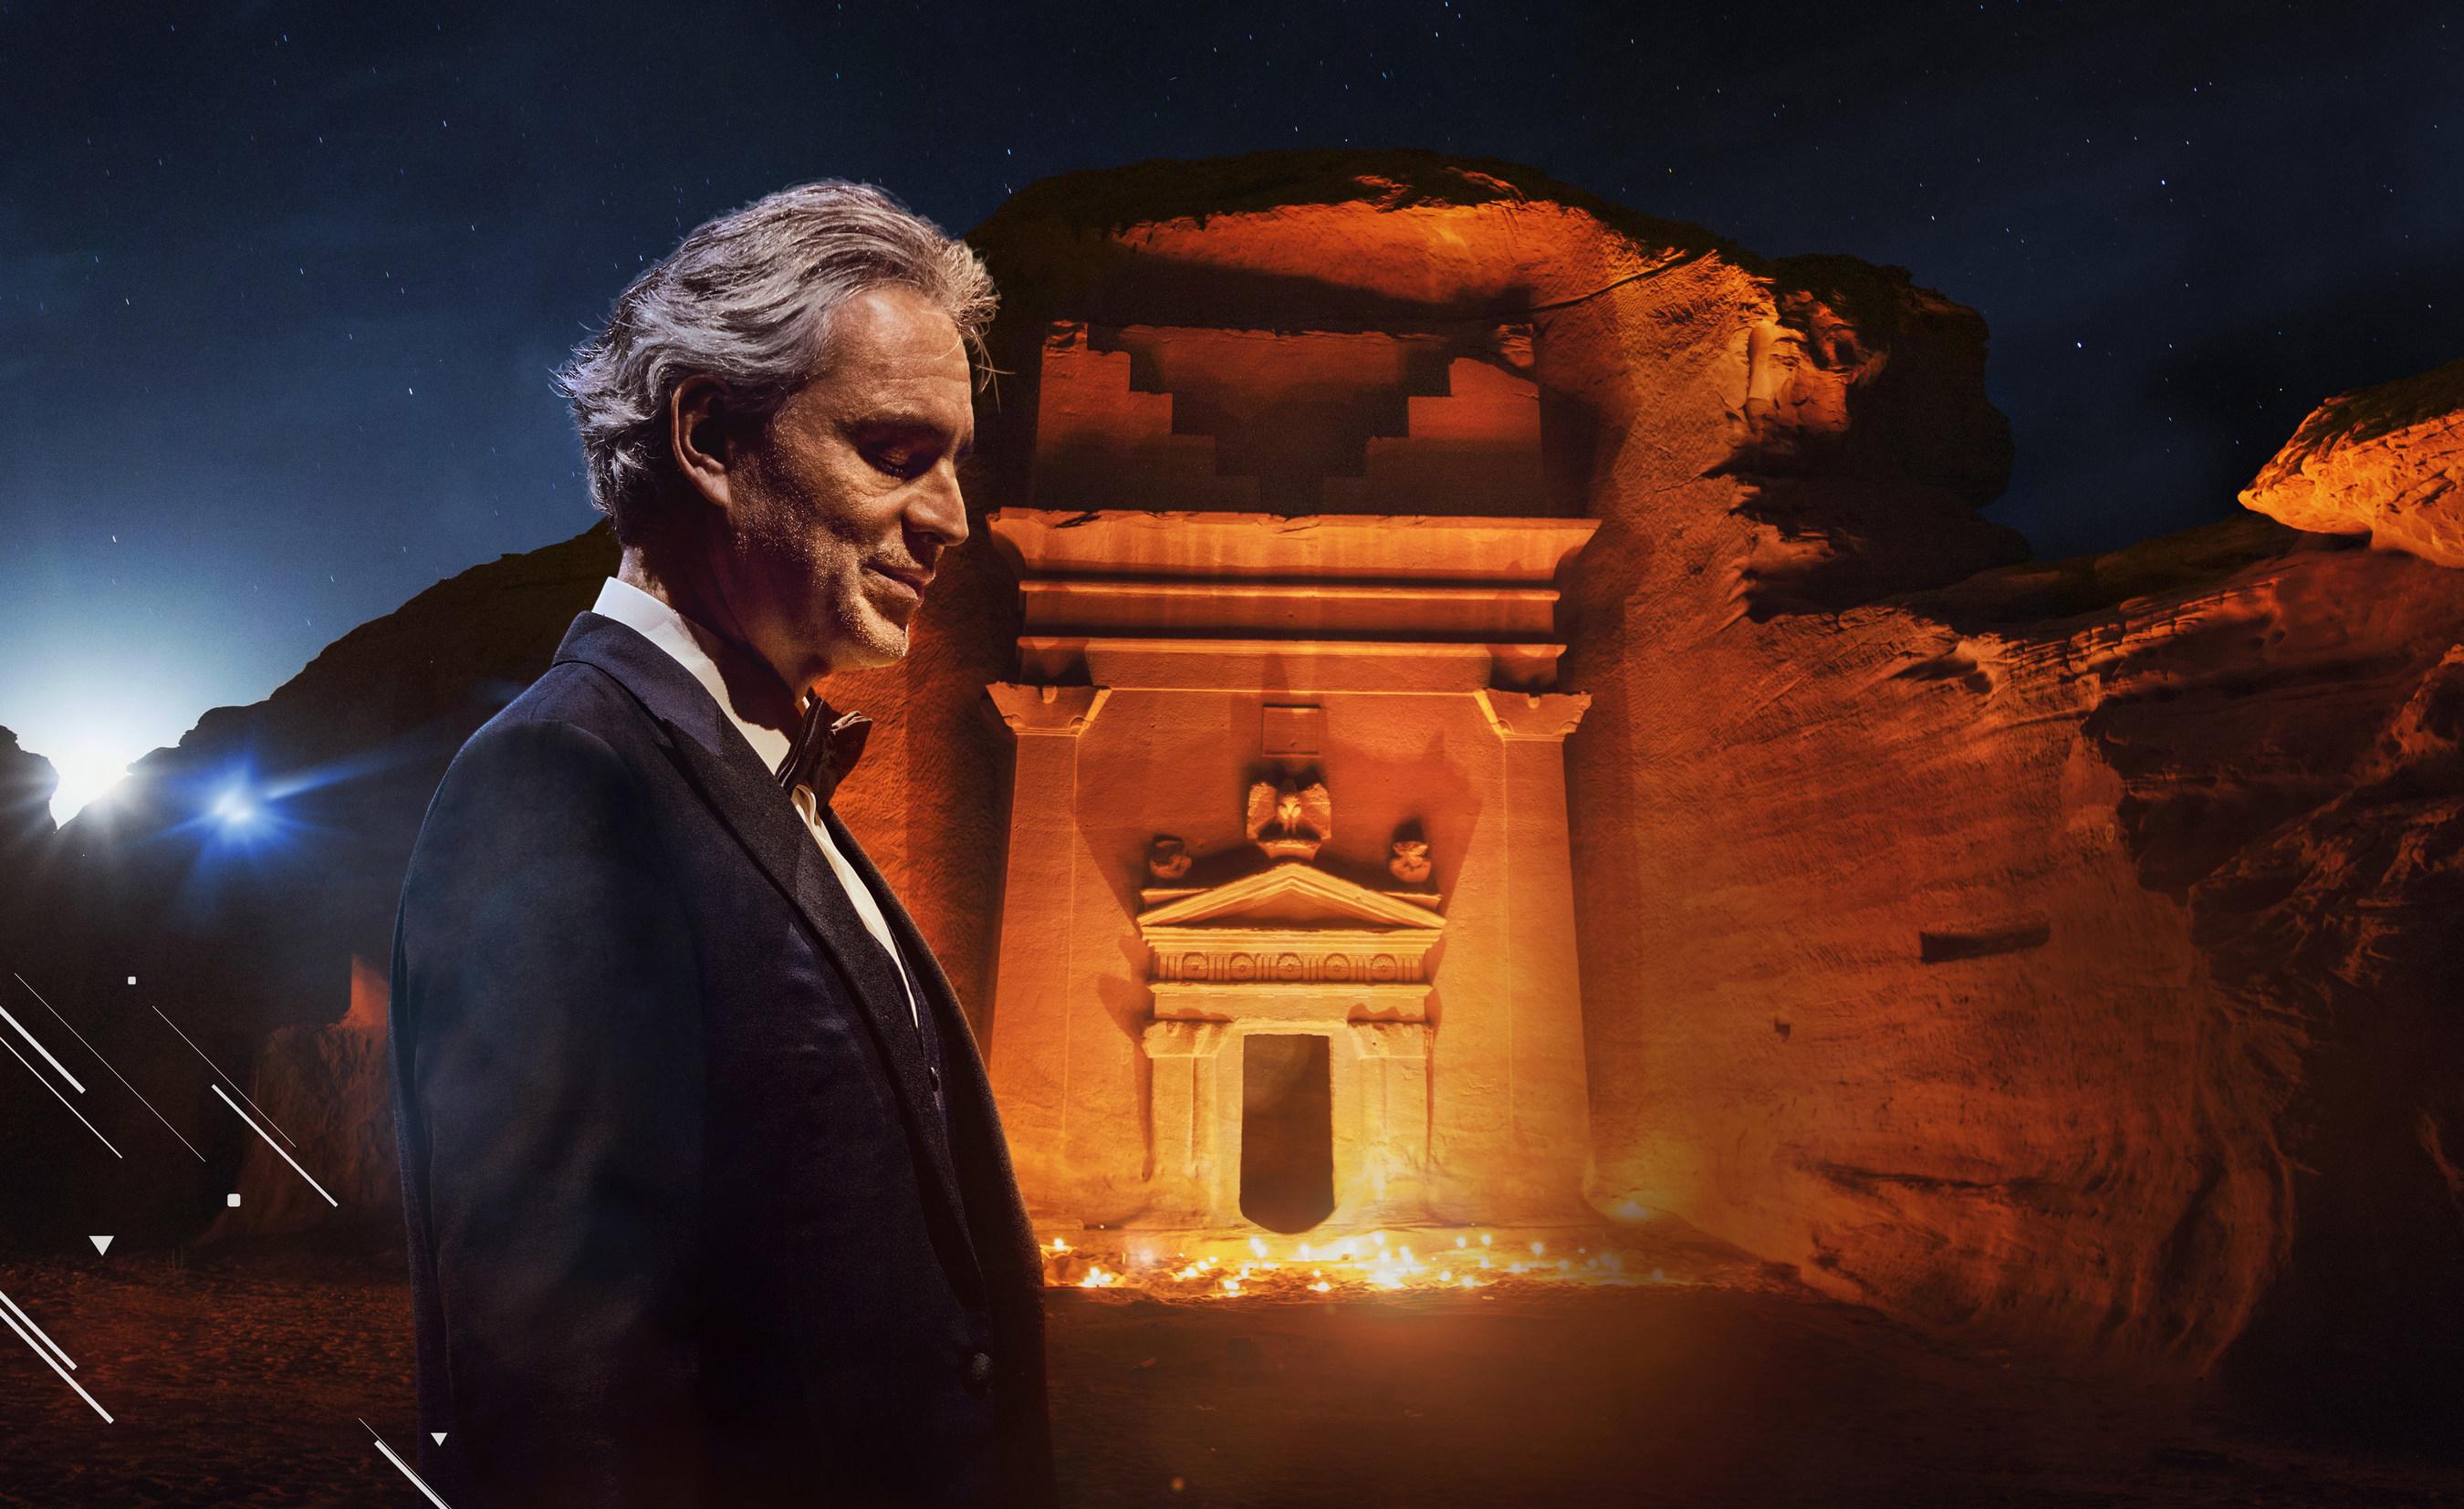 Concierto Gratuito Maestro Andrea Bocelli en Hegra en vivo por YouTube [8 de Abril 2 pm]